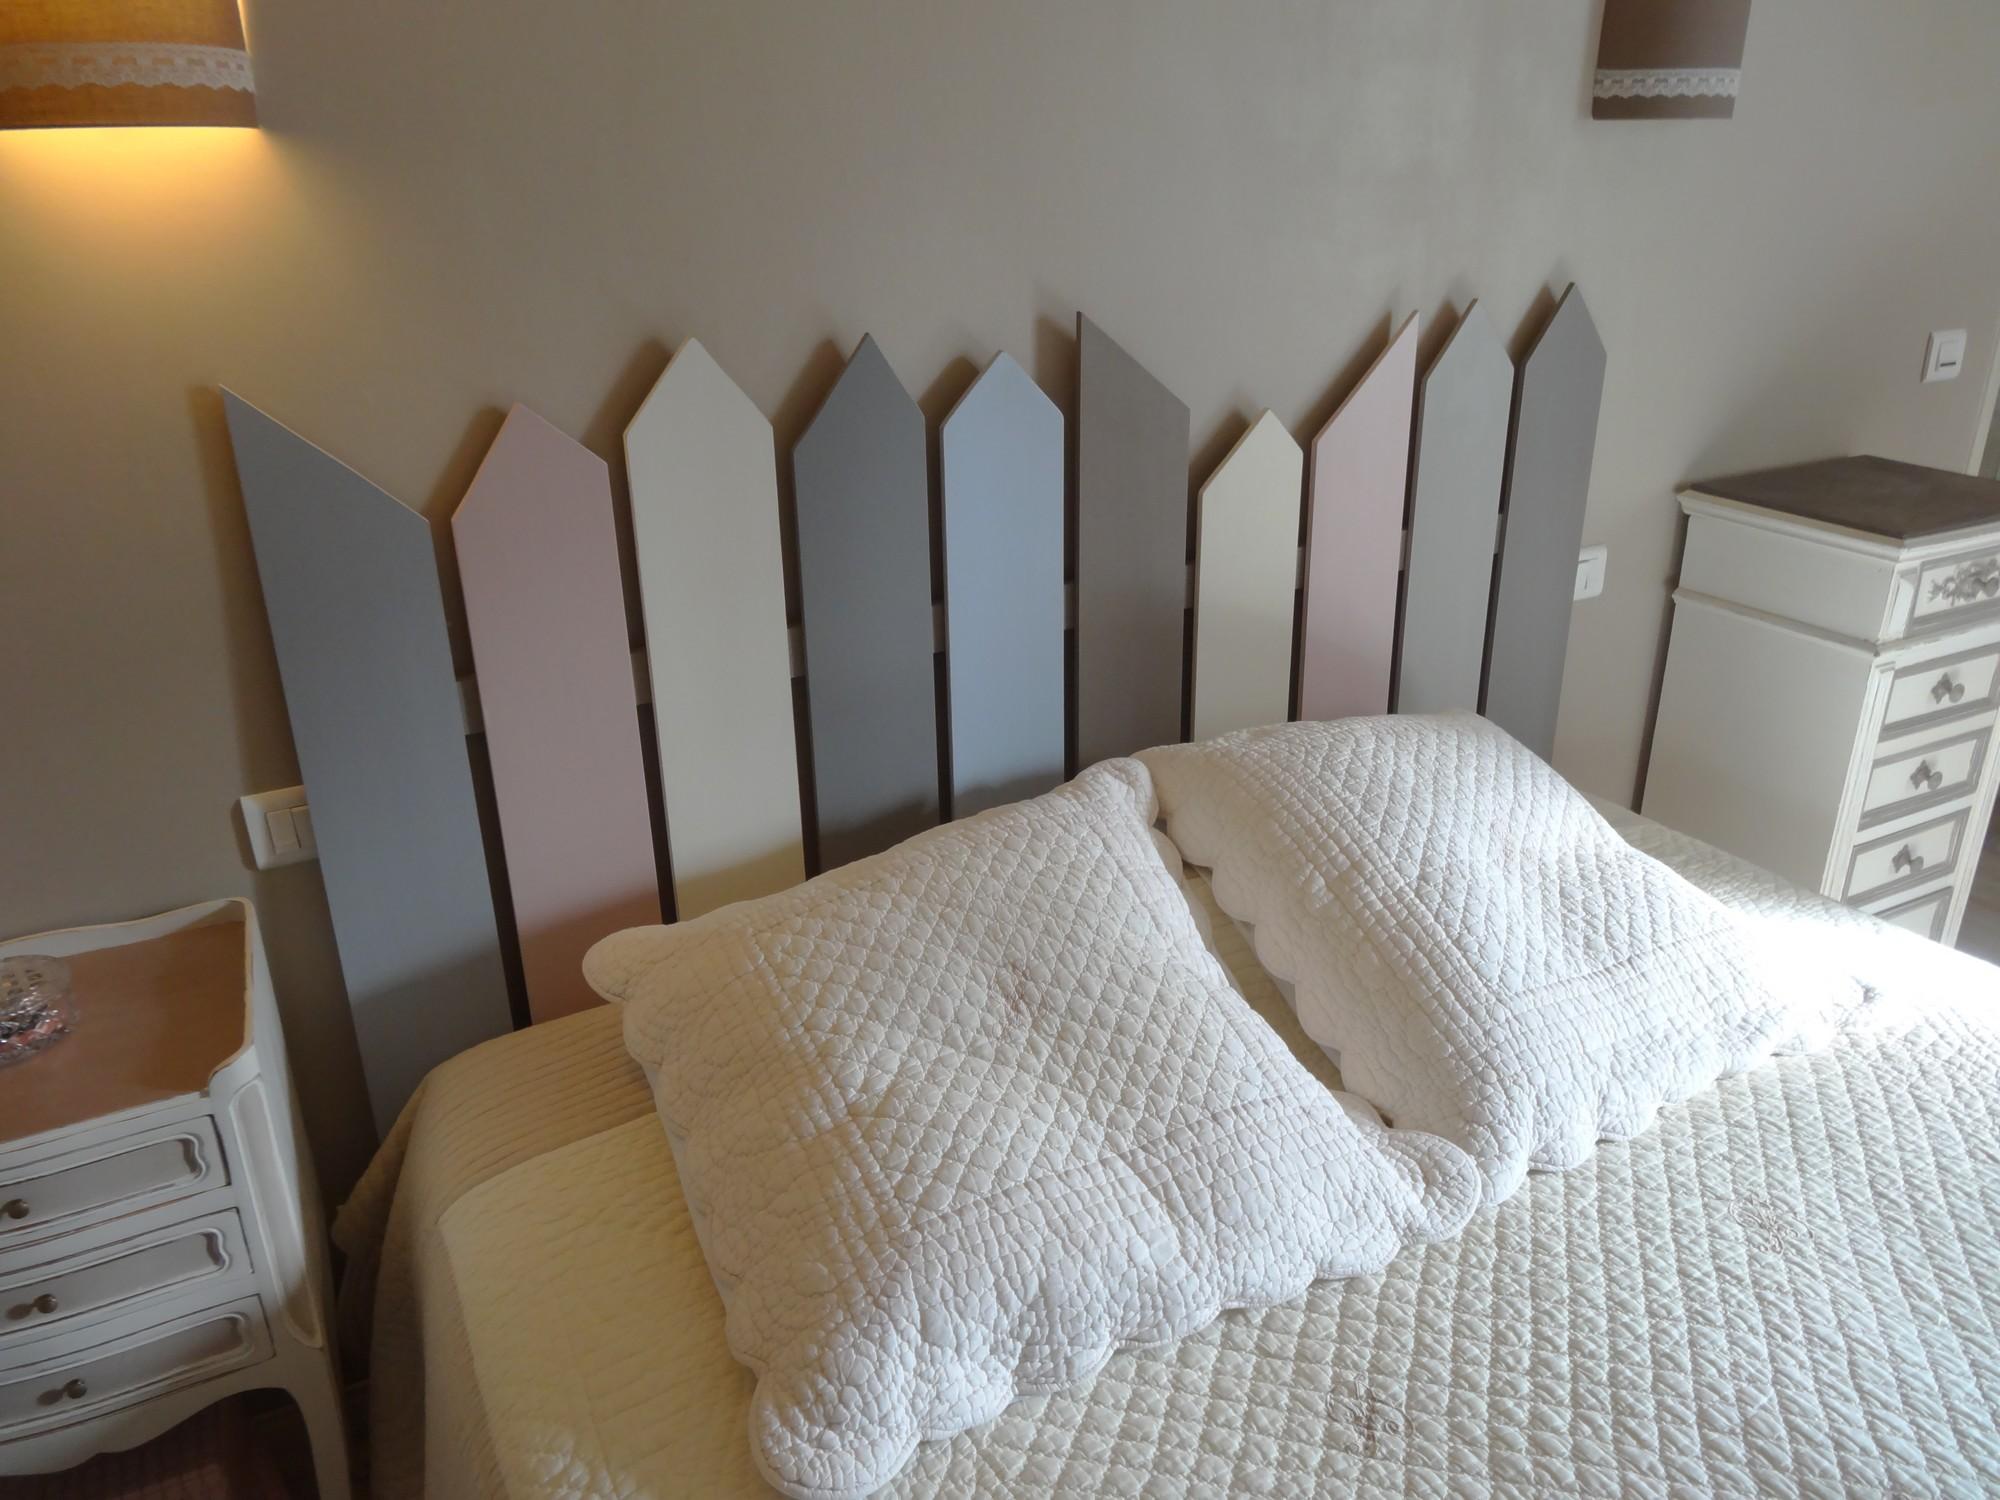 t te de lit en 160 cm pour donner un c t bucolique votre chambre anjoudeco. Black Bedroom Furniture Sets. Home Design Ideas